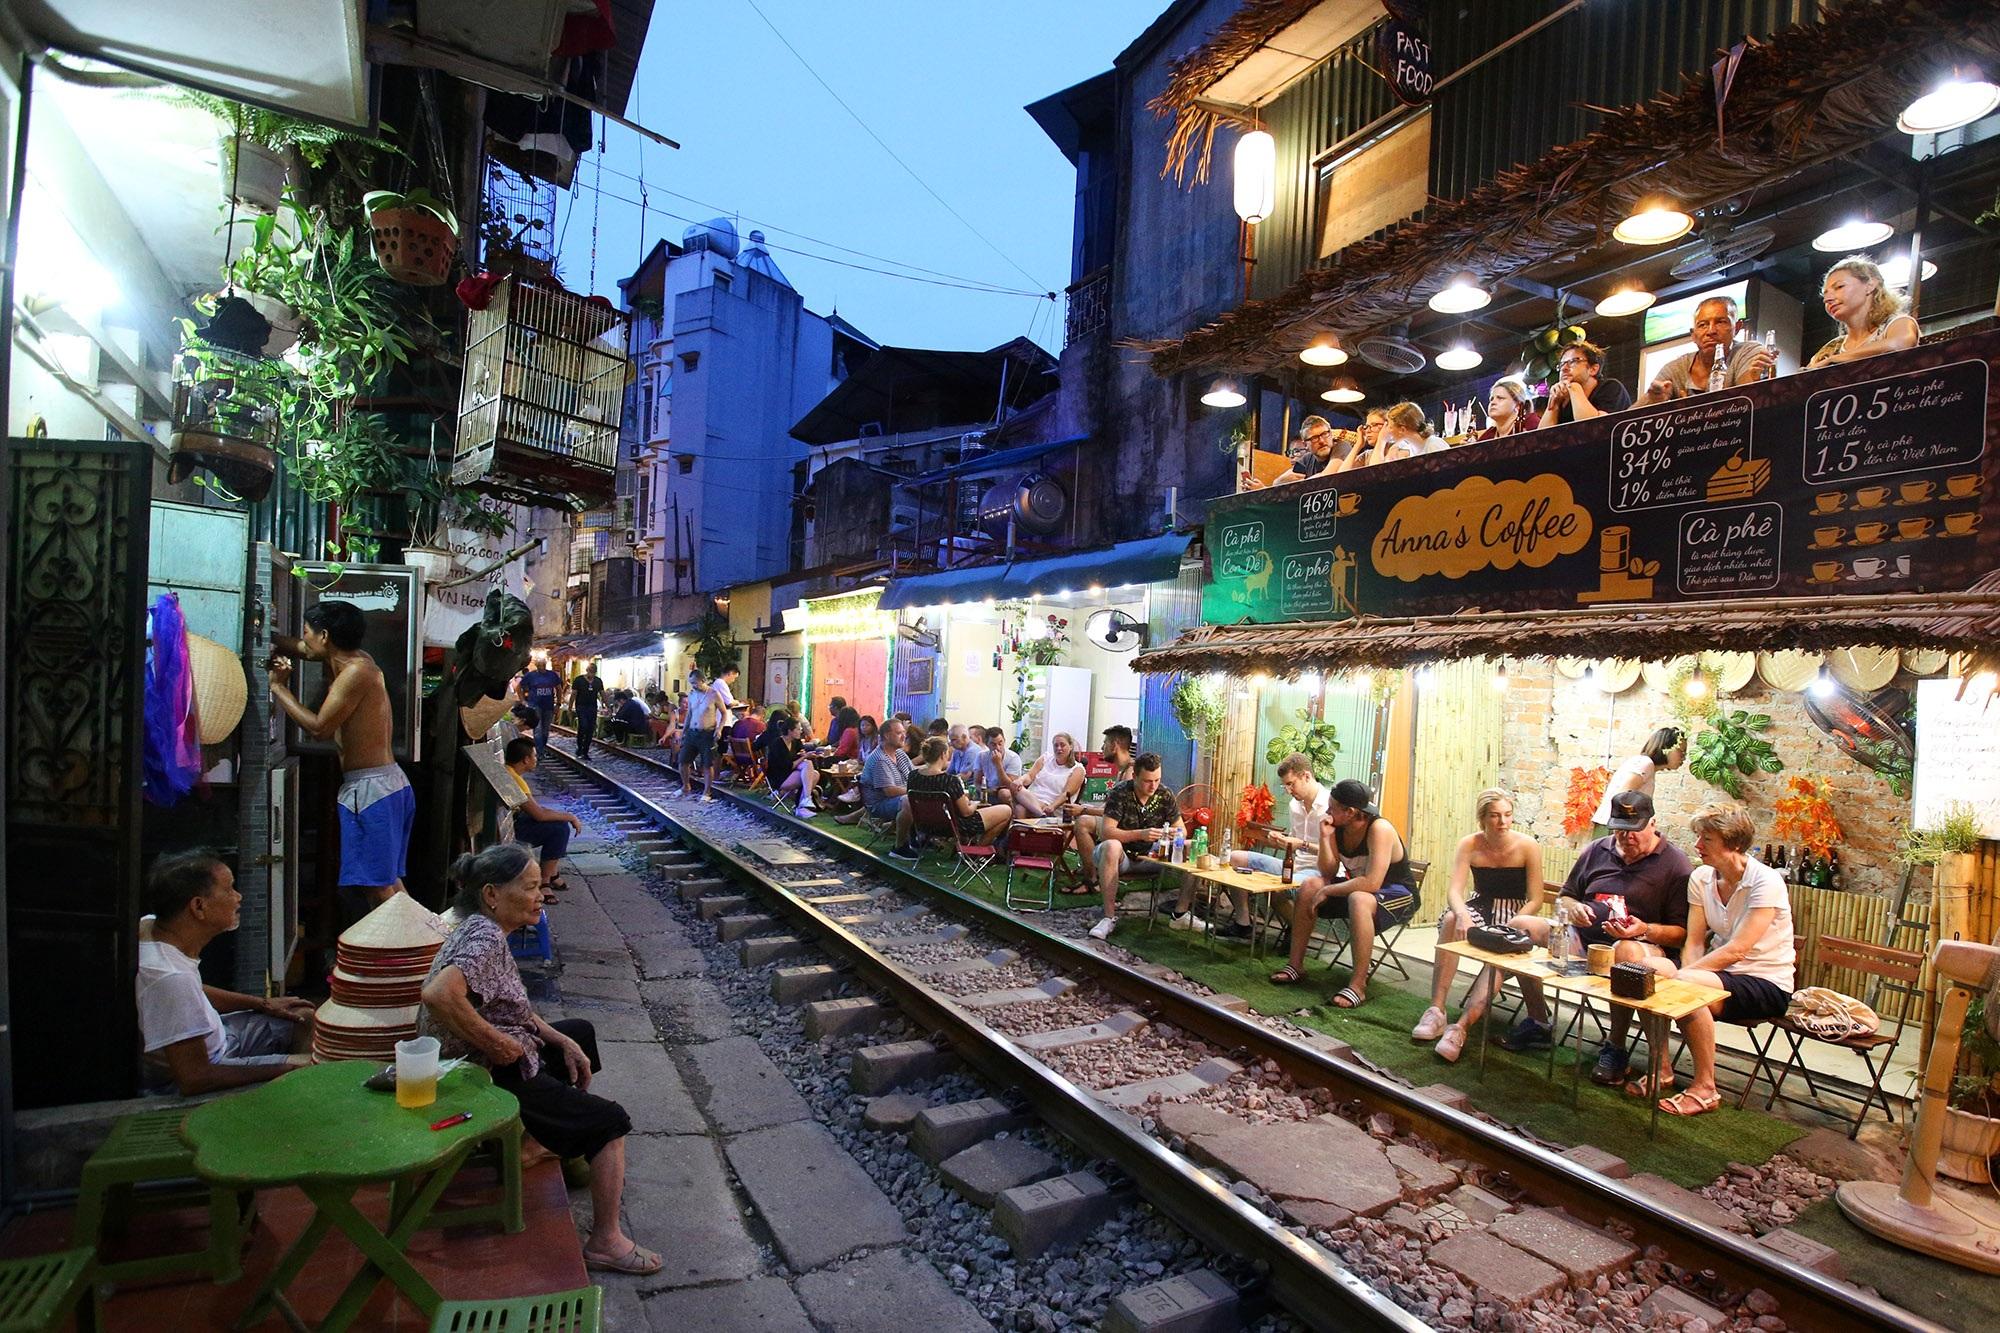 Xóm đường tàu lên đời thành điểm du lịch hấp dẫn ở Hà Nội - 7